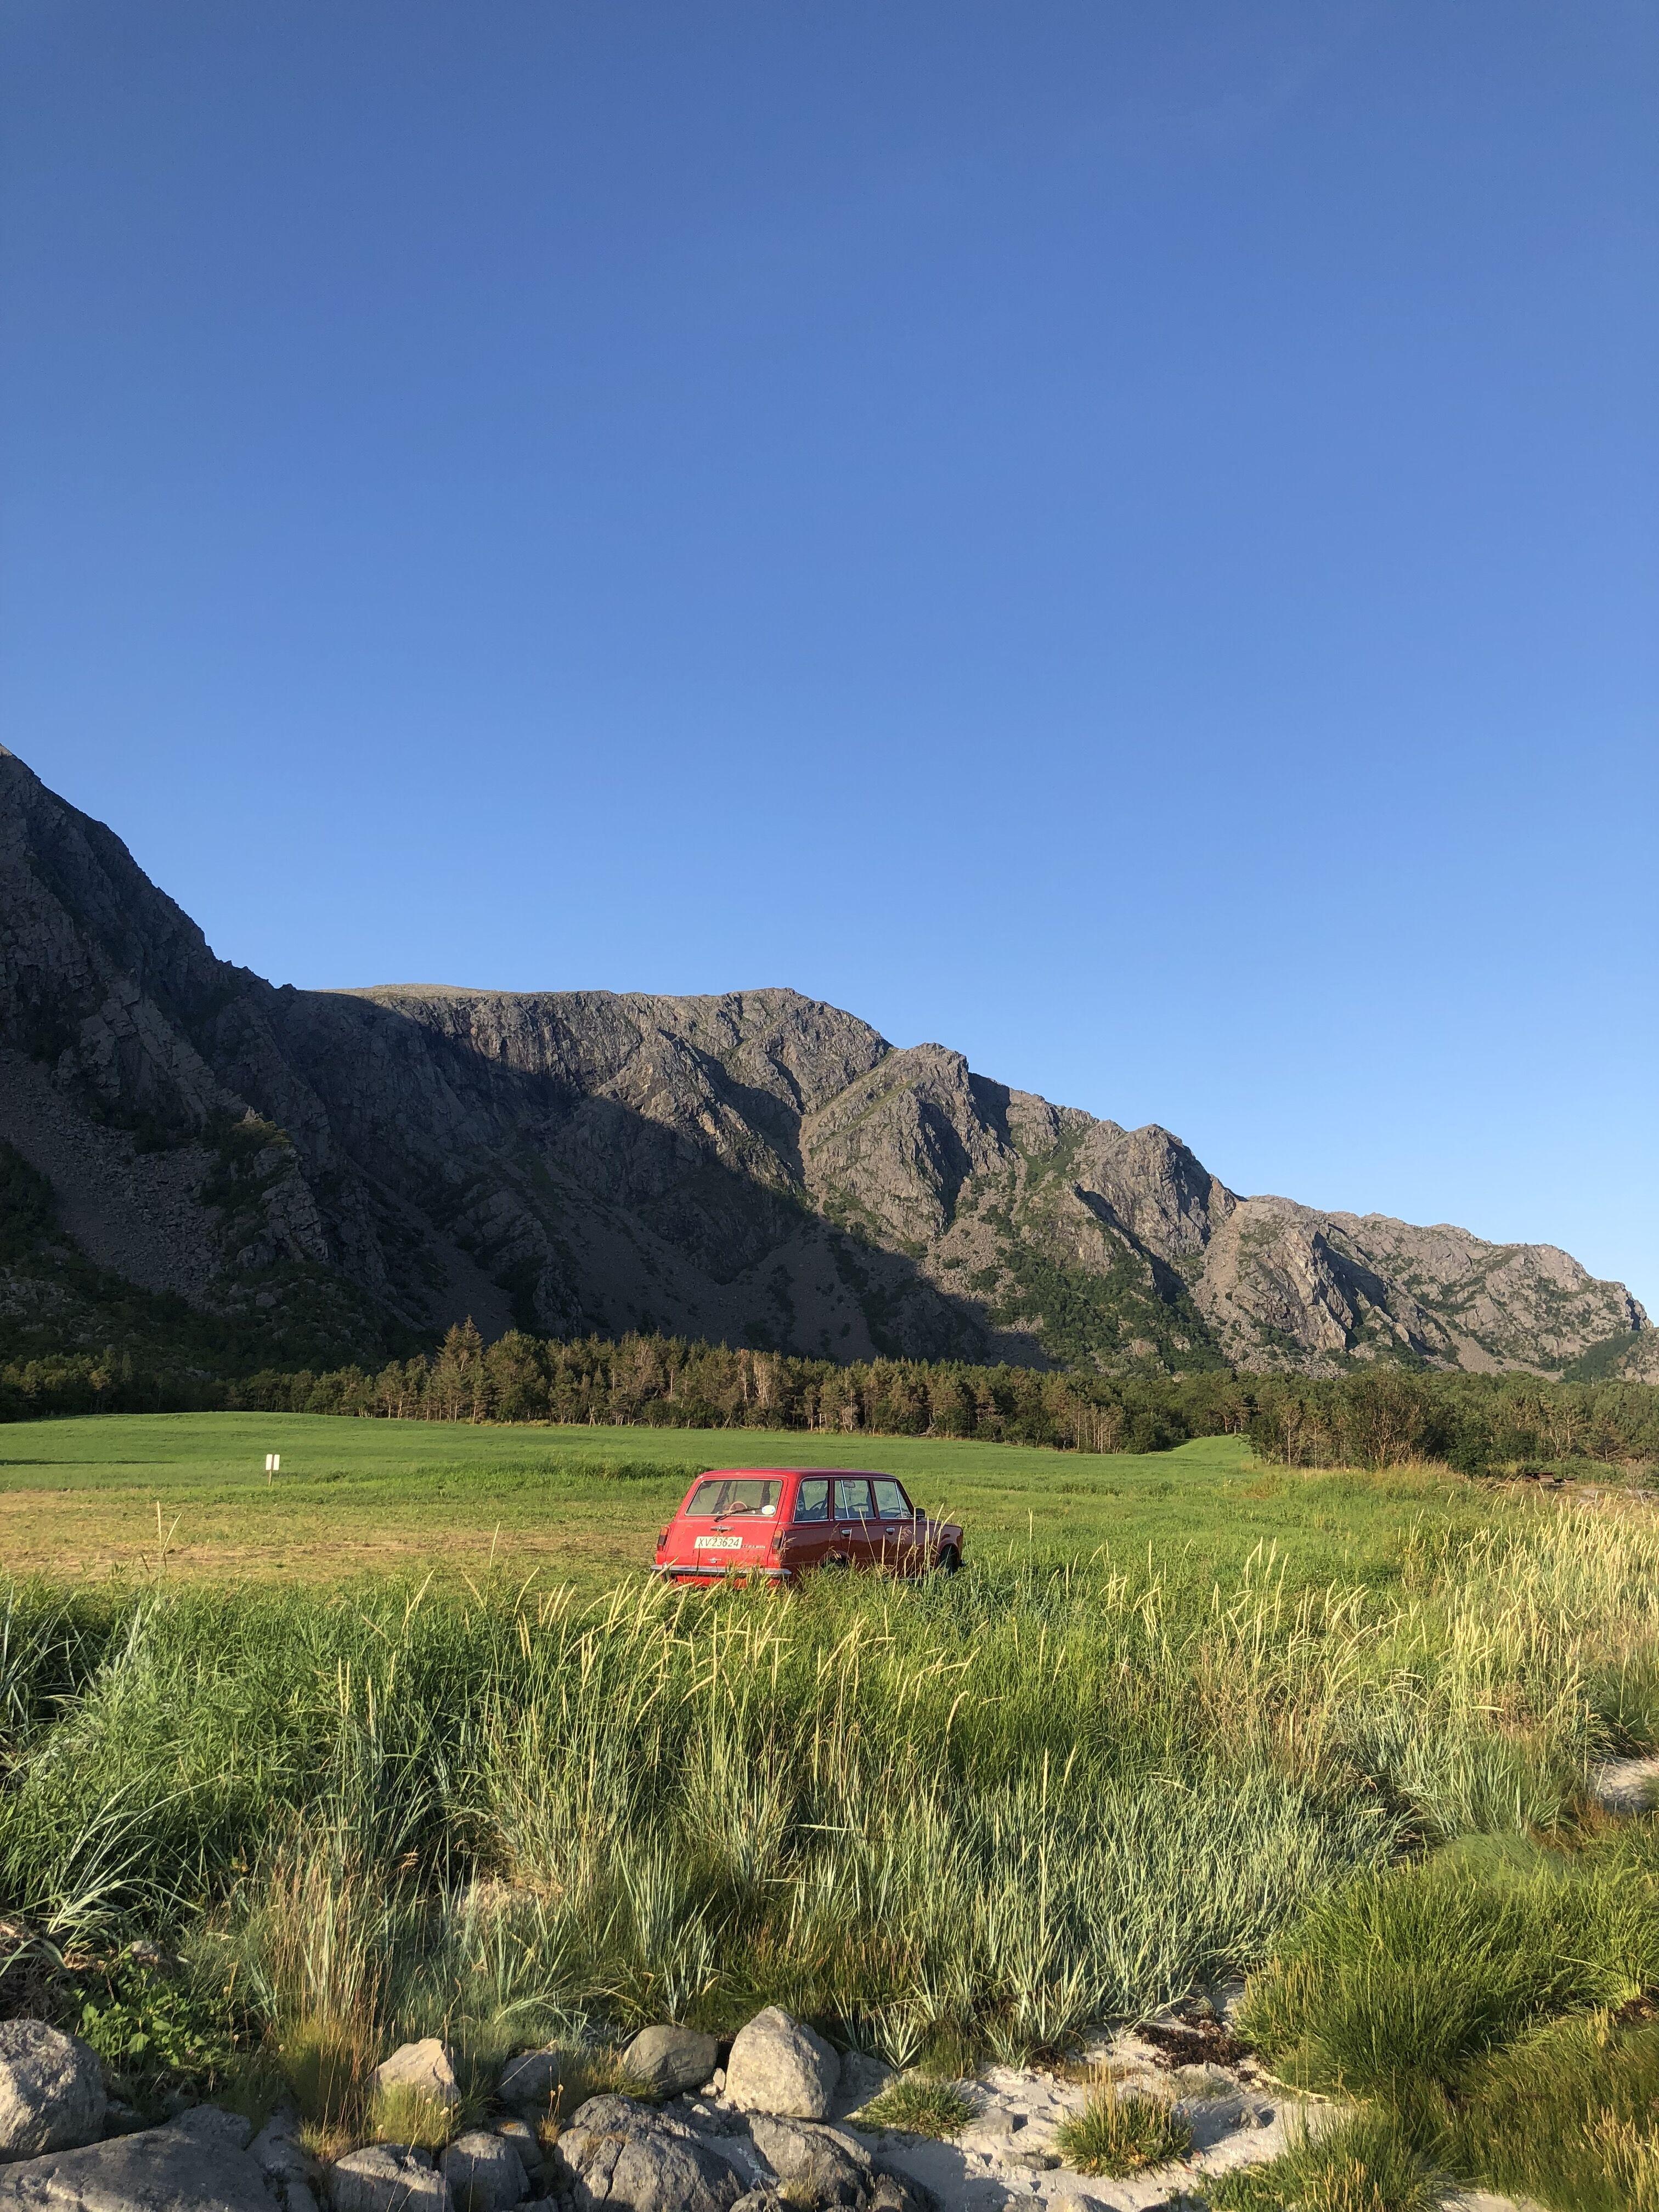 Vakker bil i vakkert landskap